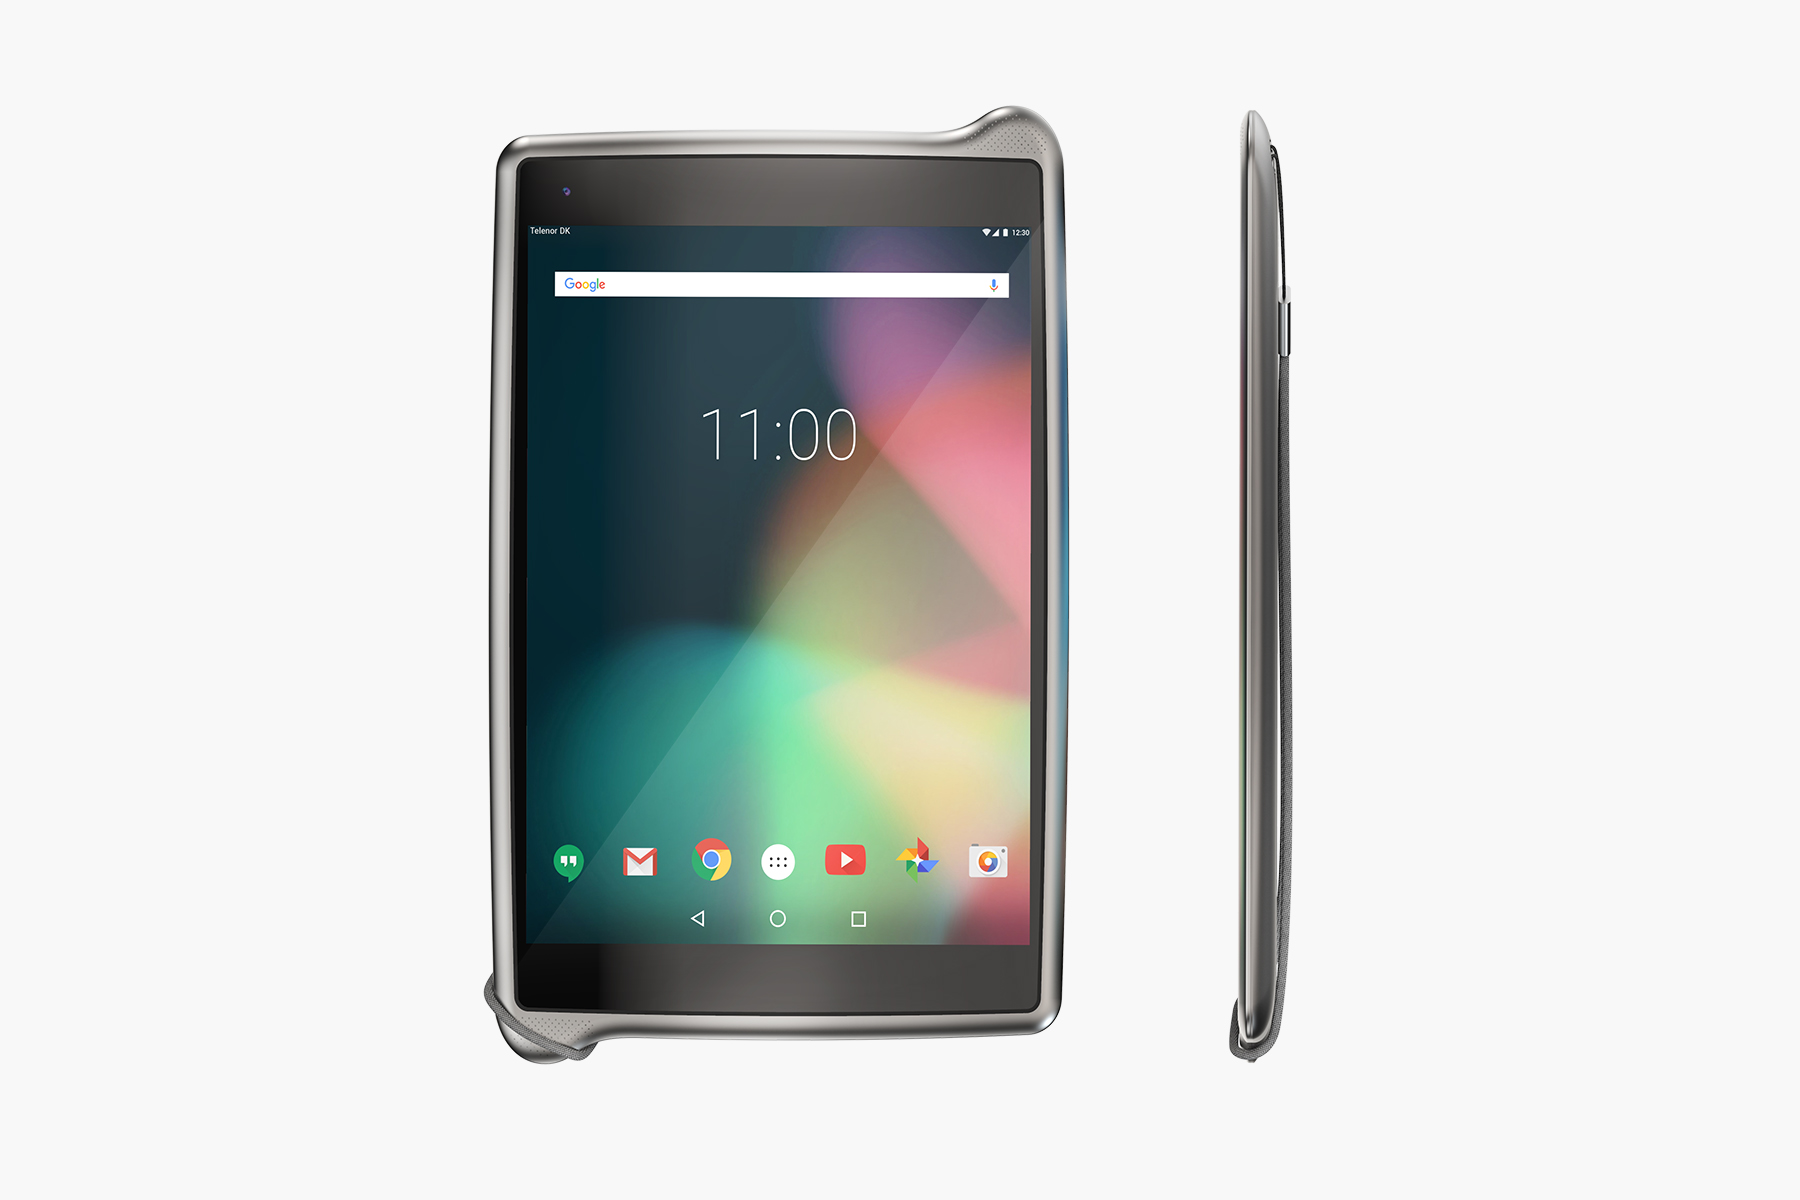 190709_Hisense-tablet_Main